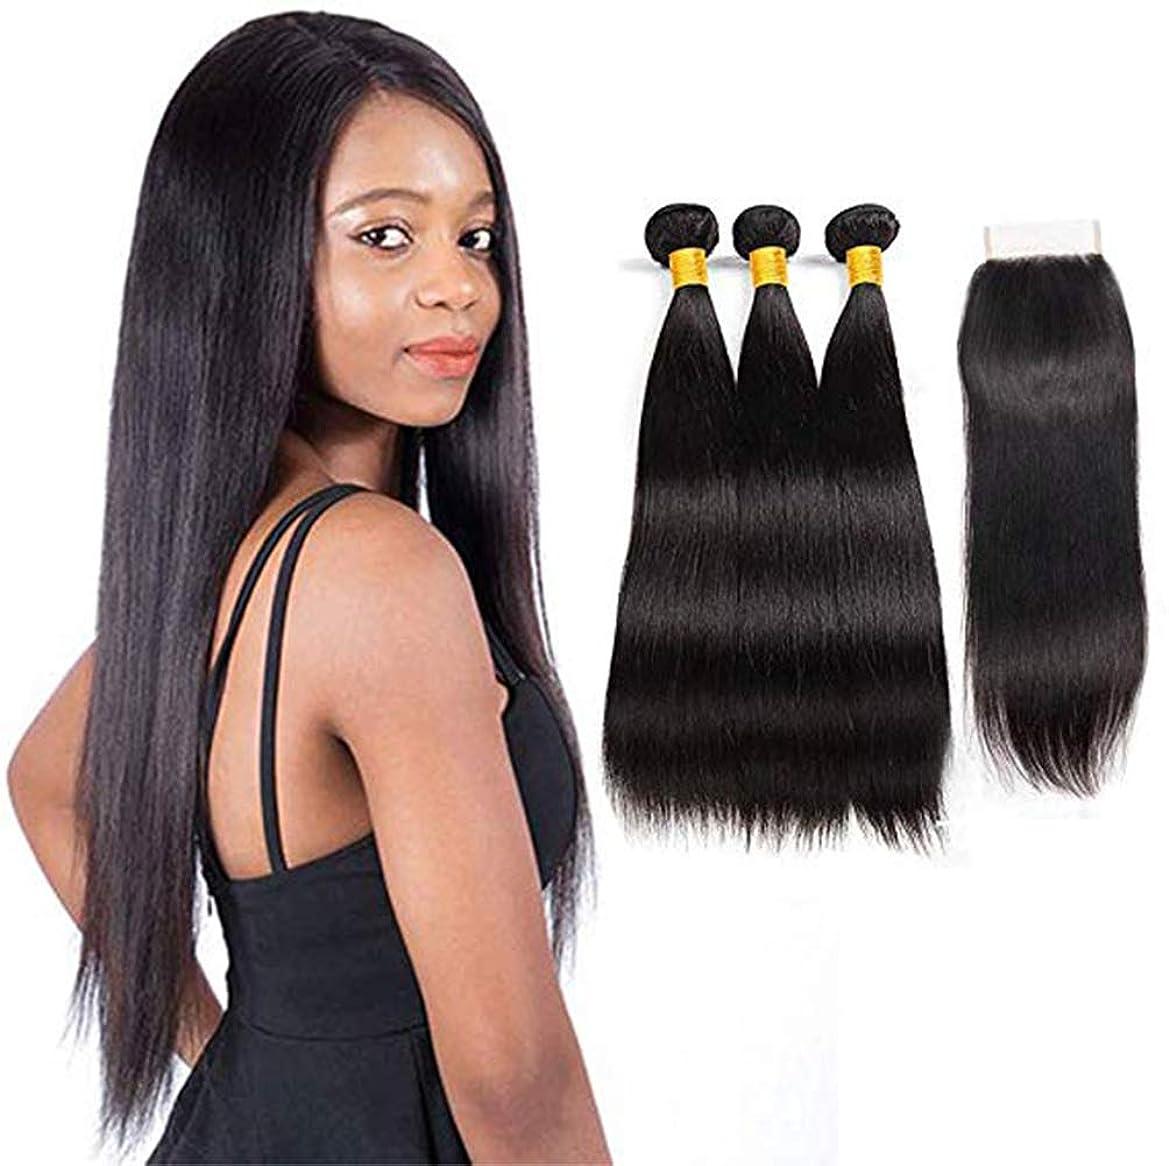 おばあさんでテナント毛織りマレーシアの髪1閉鎖が付いているまっすぐなremy毛閉鎖が付いている人間の毛髪延長の自然な二重よこ糸